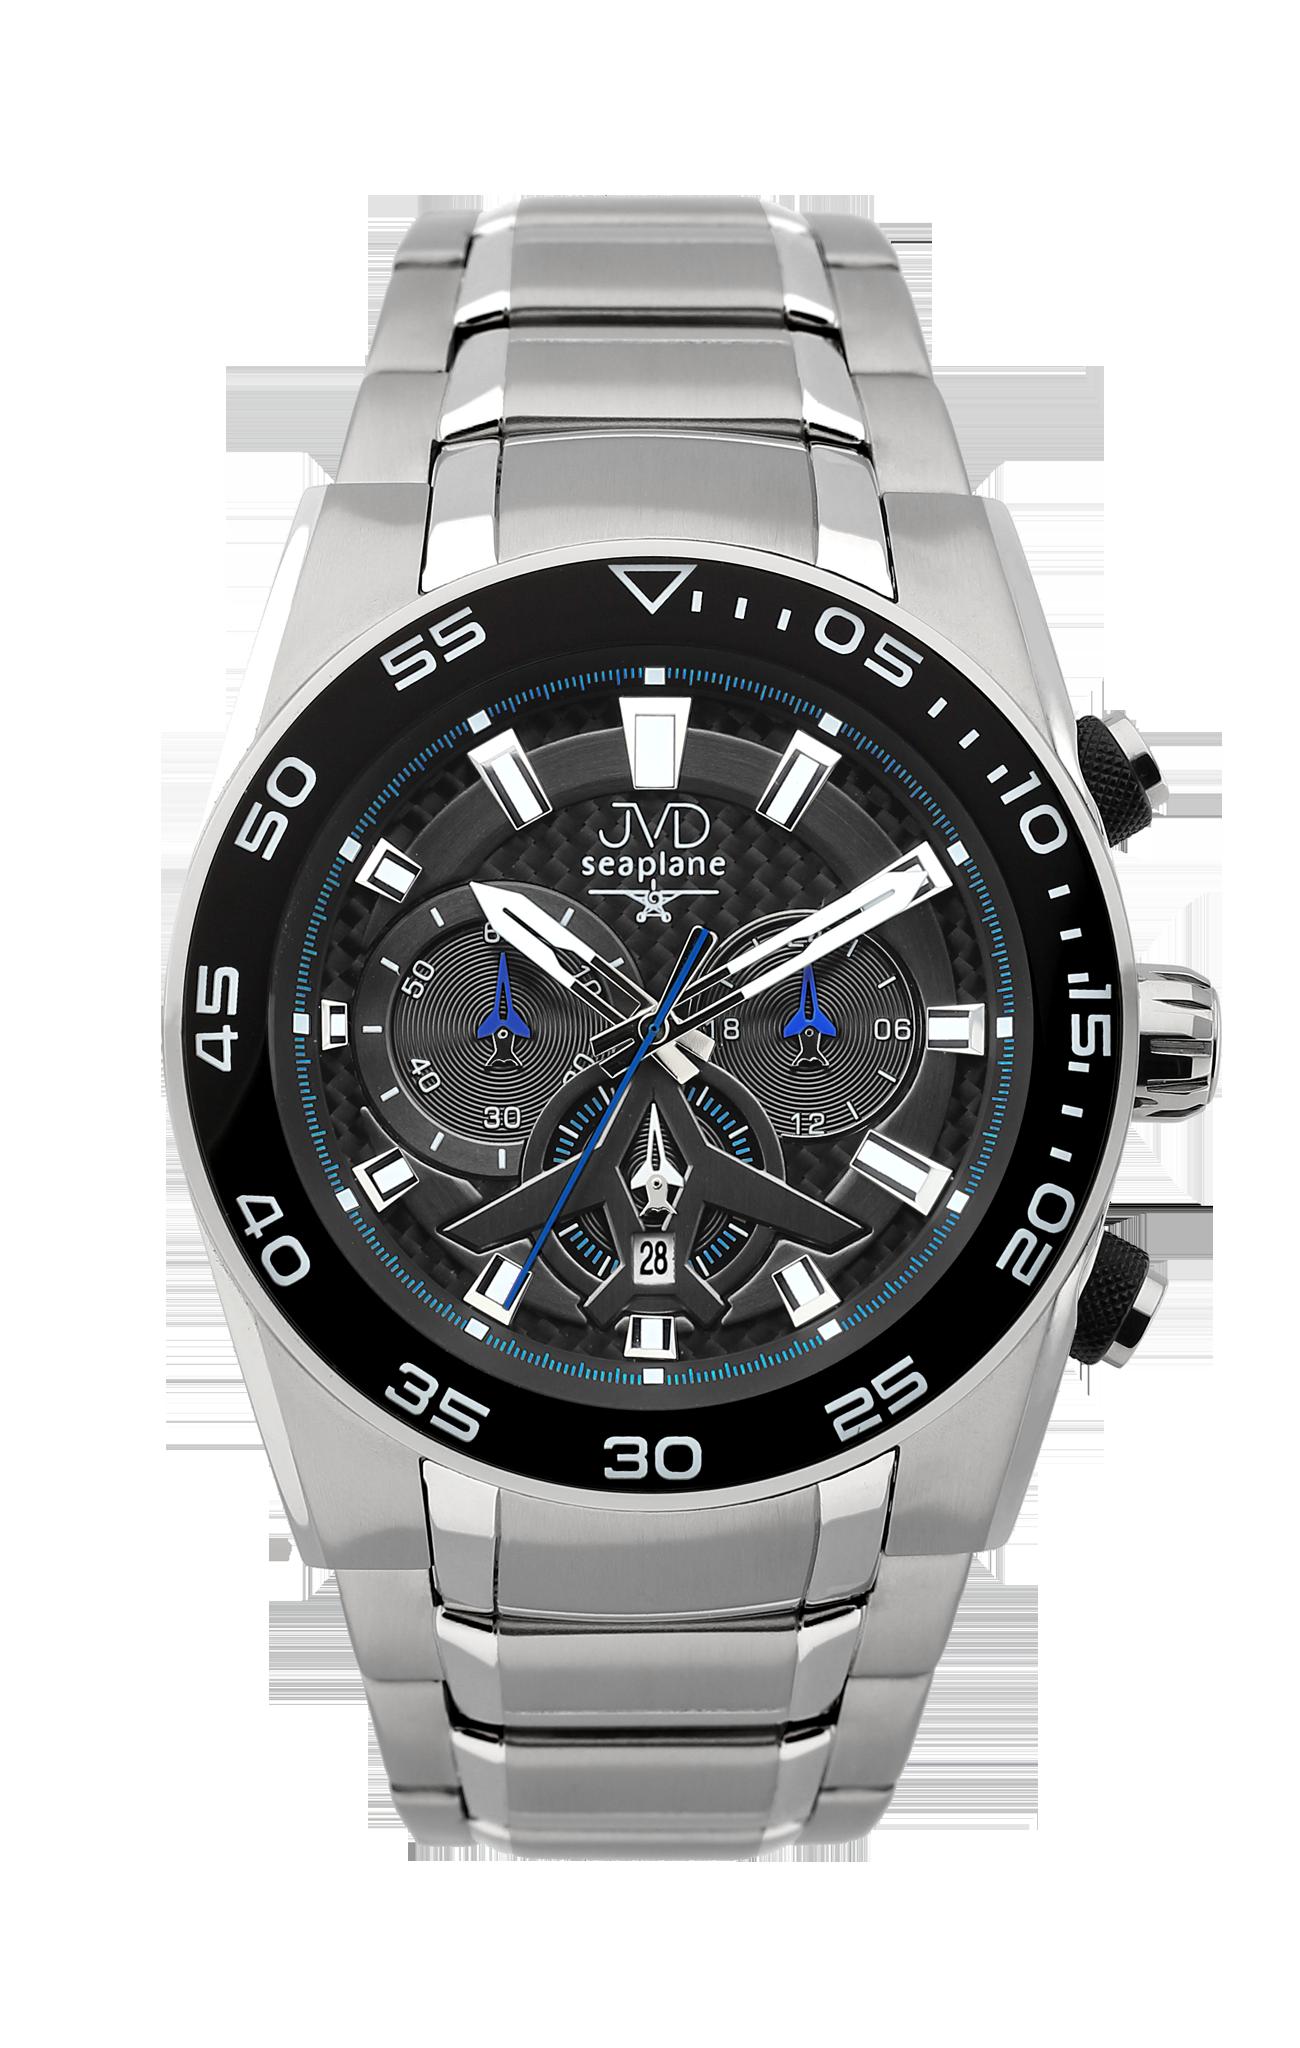 Luxusní vodotěsné sportovní hodinky JVD seaplane W49.2 chornograf se stopkami POŠTOVNÉ ZDARMA!